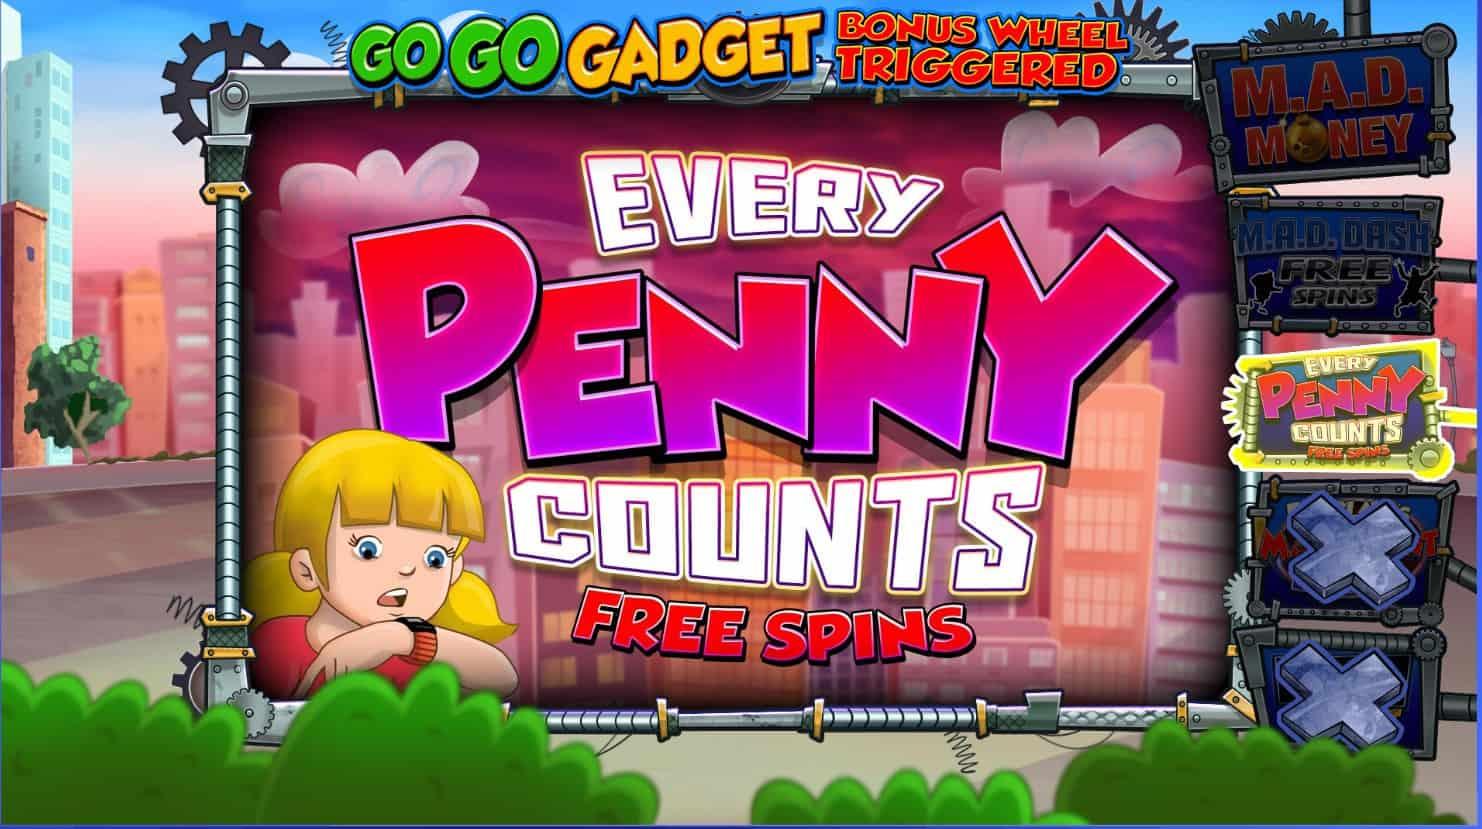 Blue print - inspector gadget - every penny counts free spins - casinogroundsdotcom